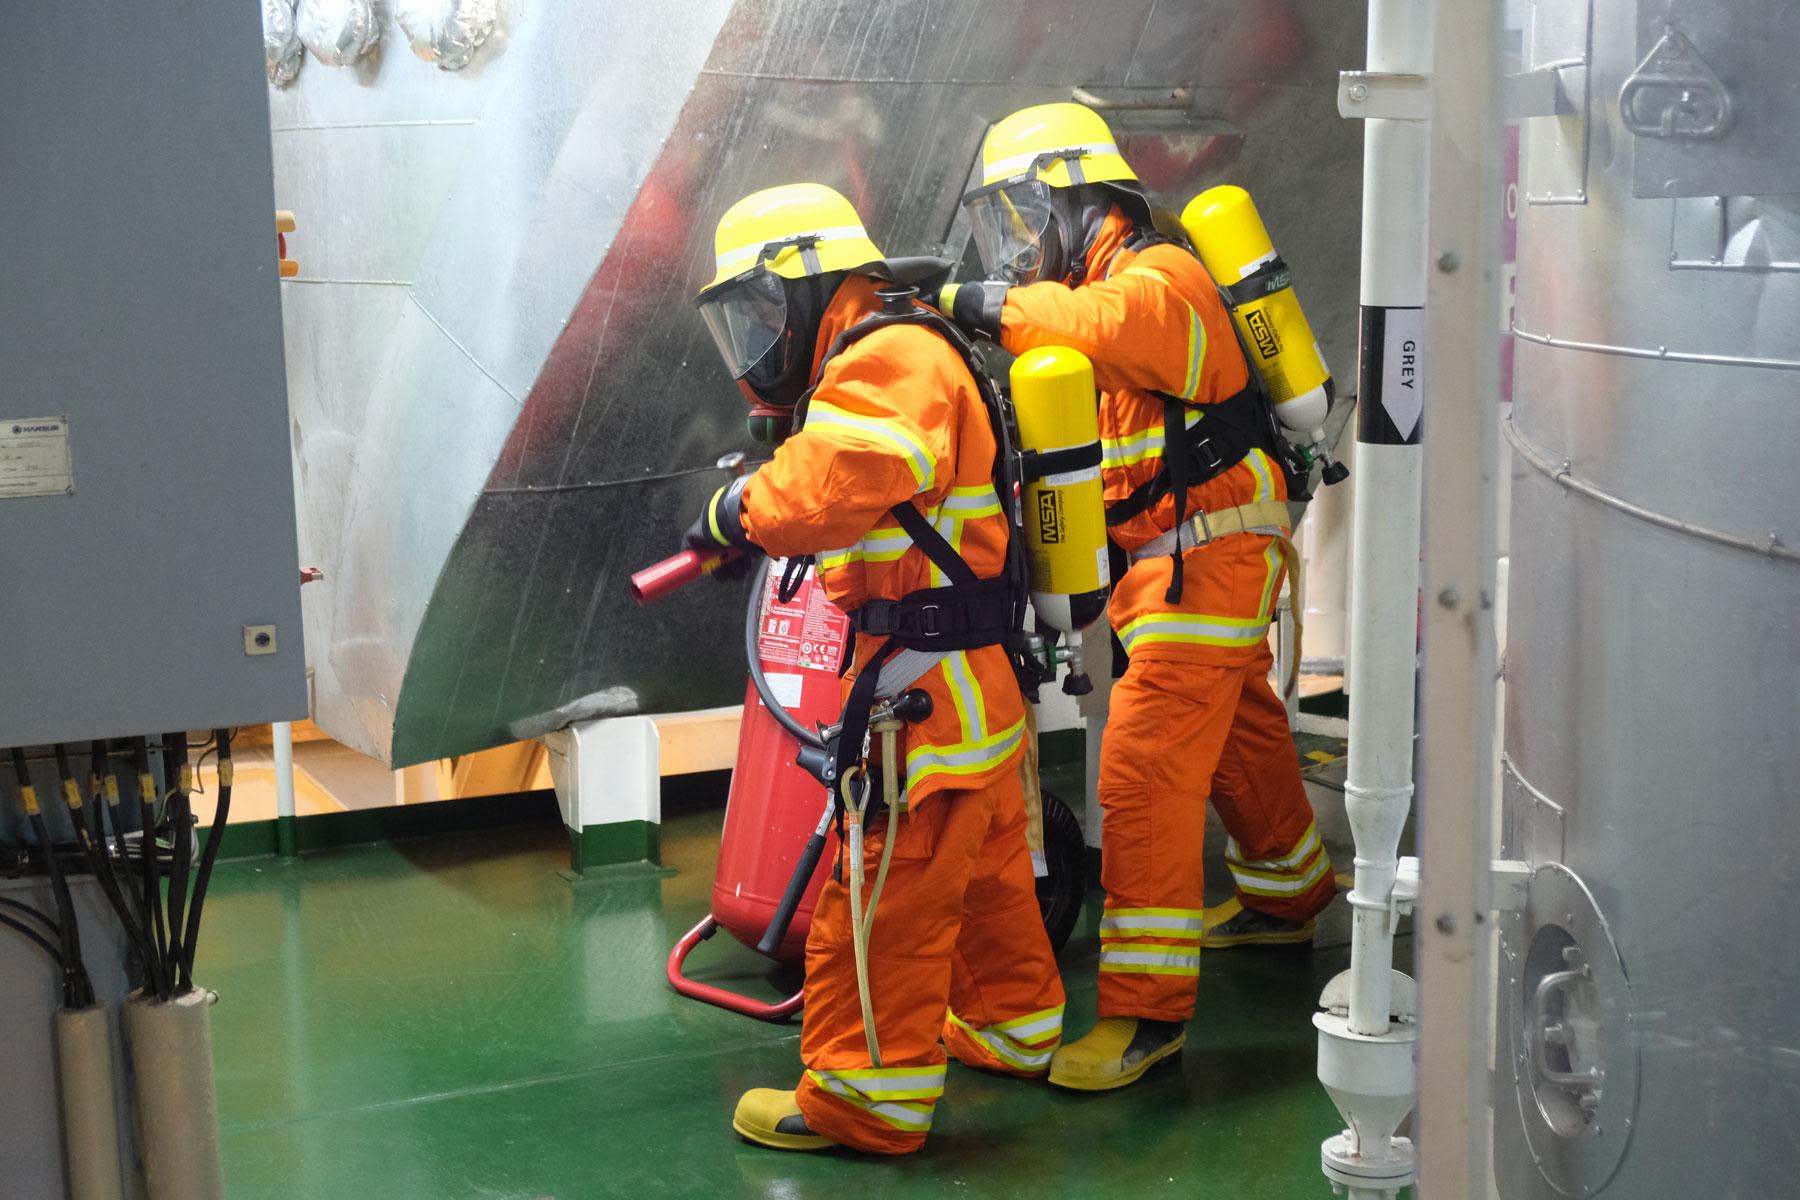 Zur Feuerbekämpfung ausgebildete Crew-Mitglieder bei einer Brandschutzübung.